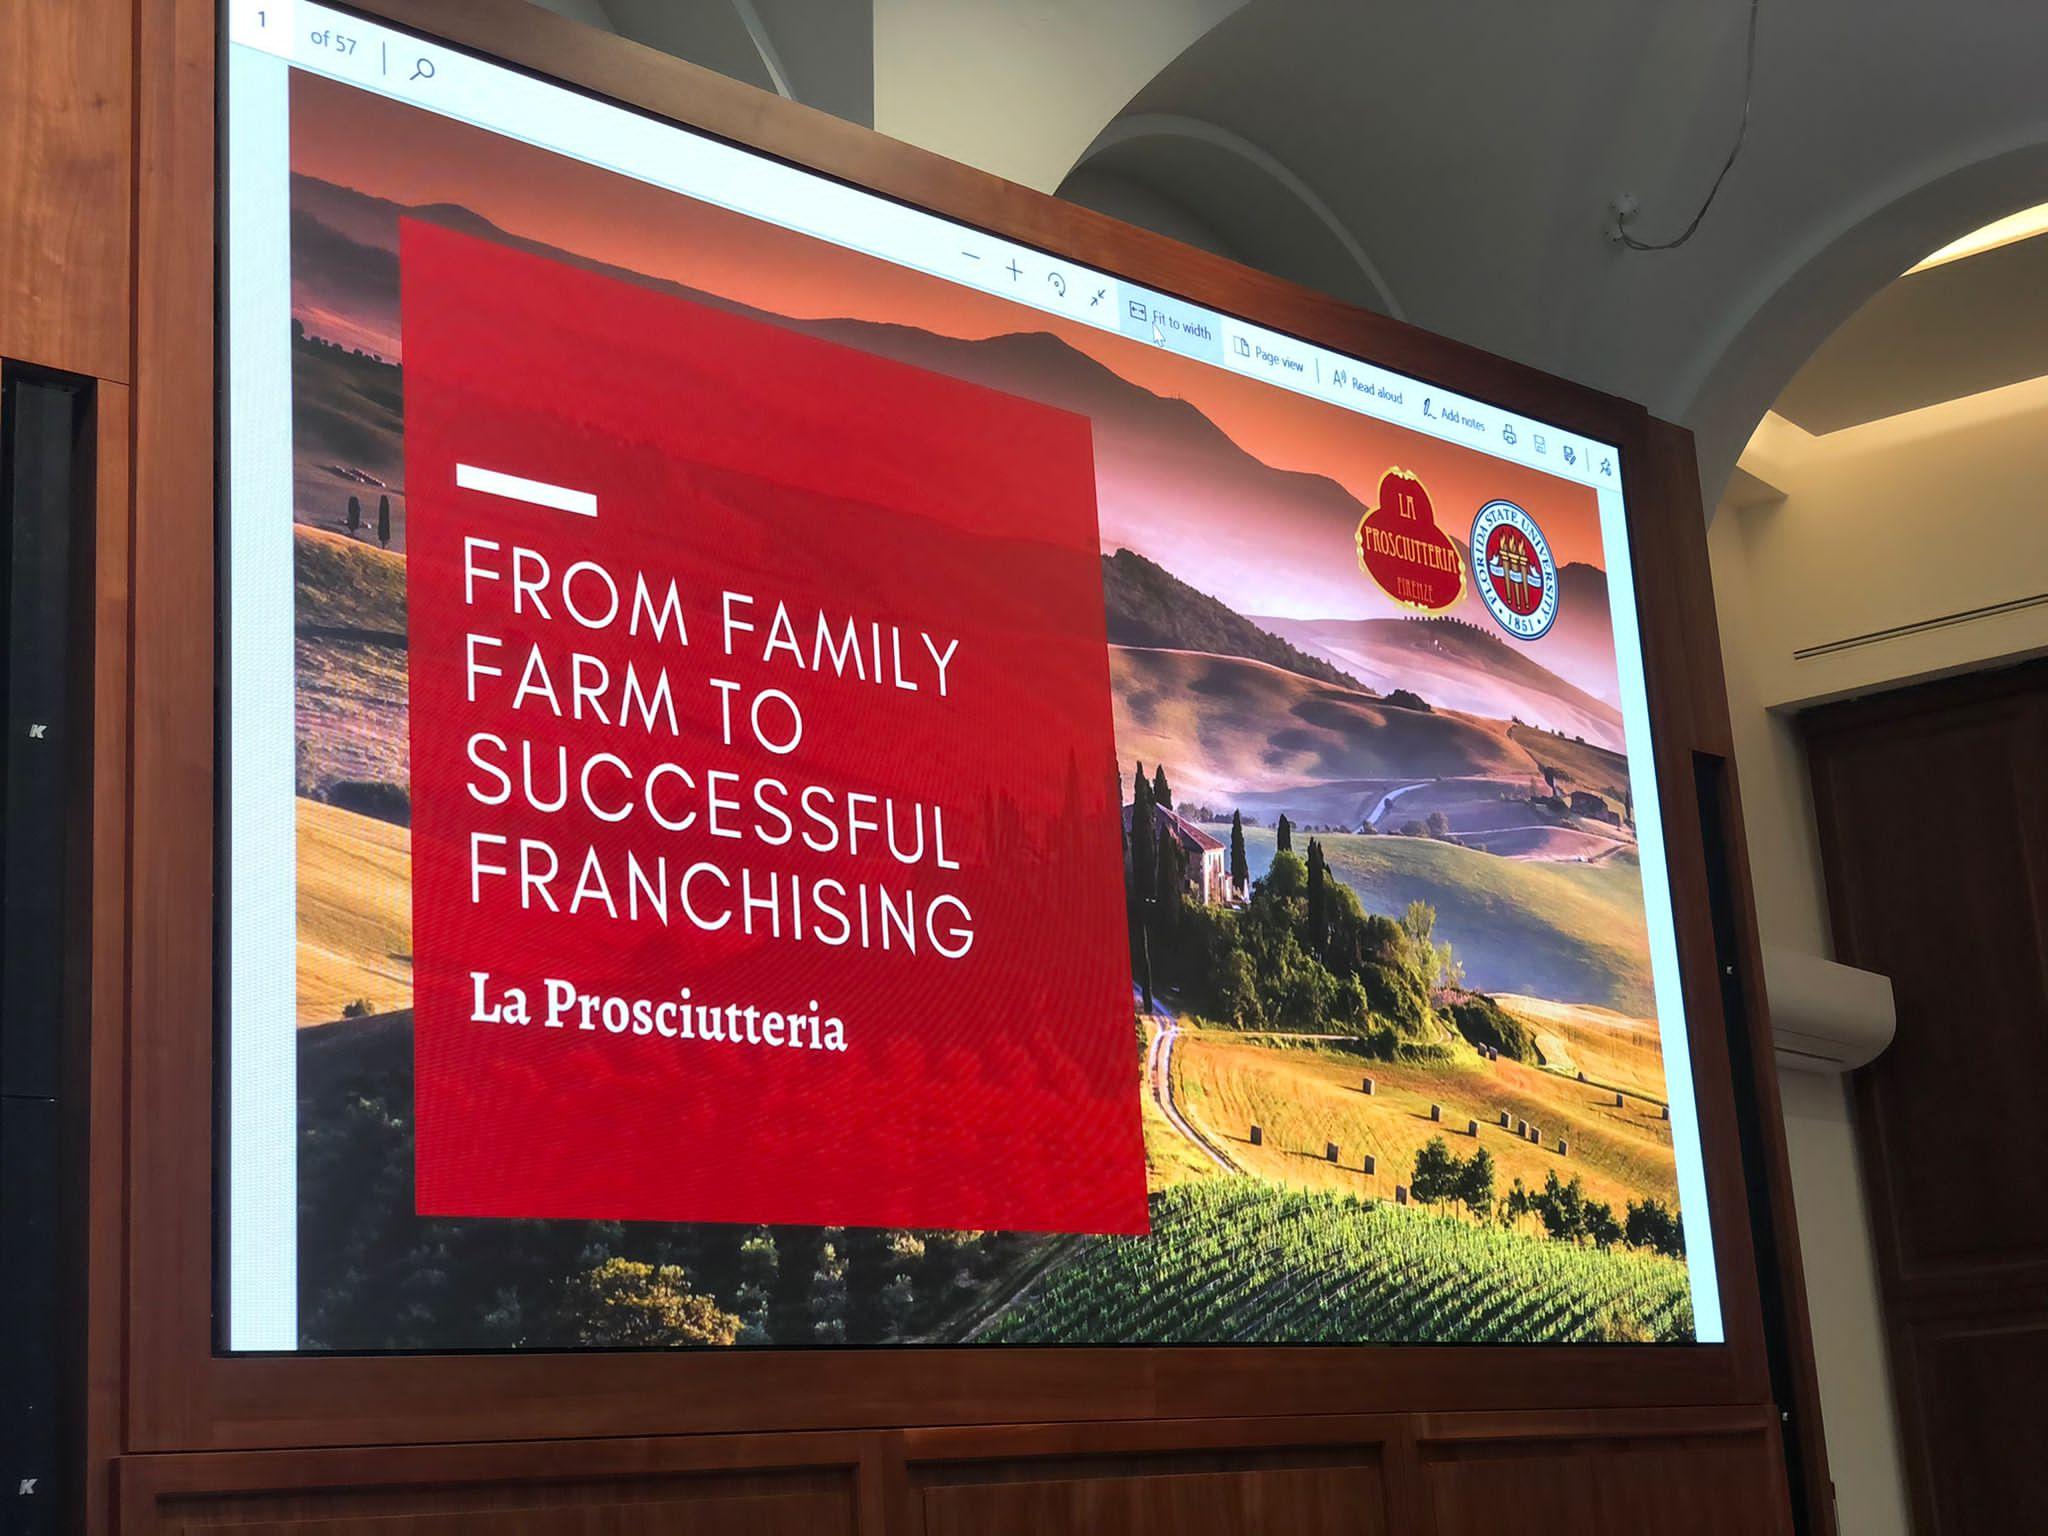 La Prosciutteria da azienda agricola familiare a franchising di successo!